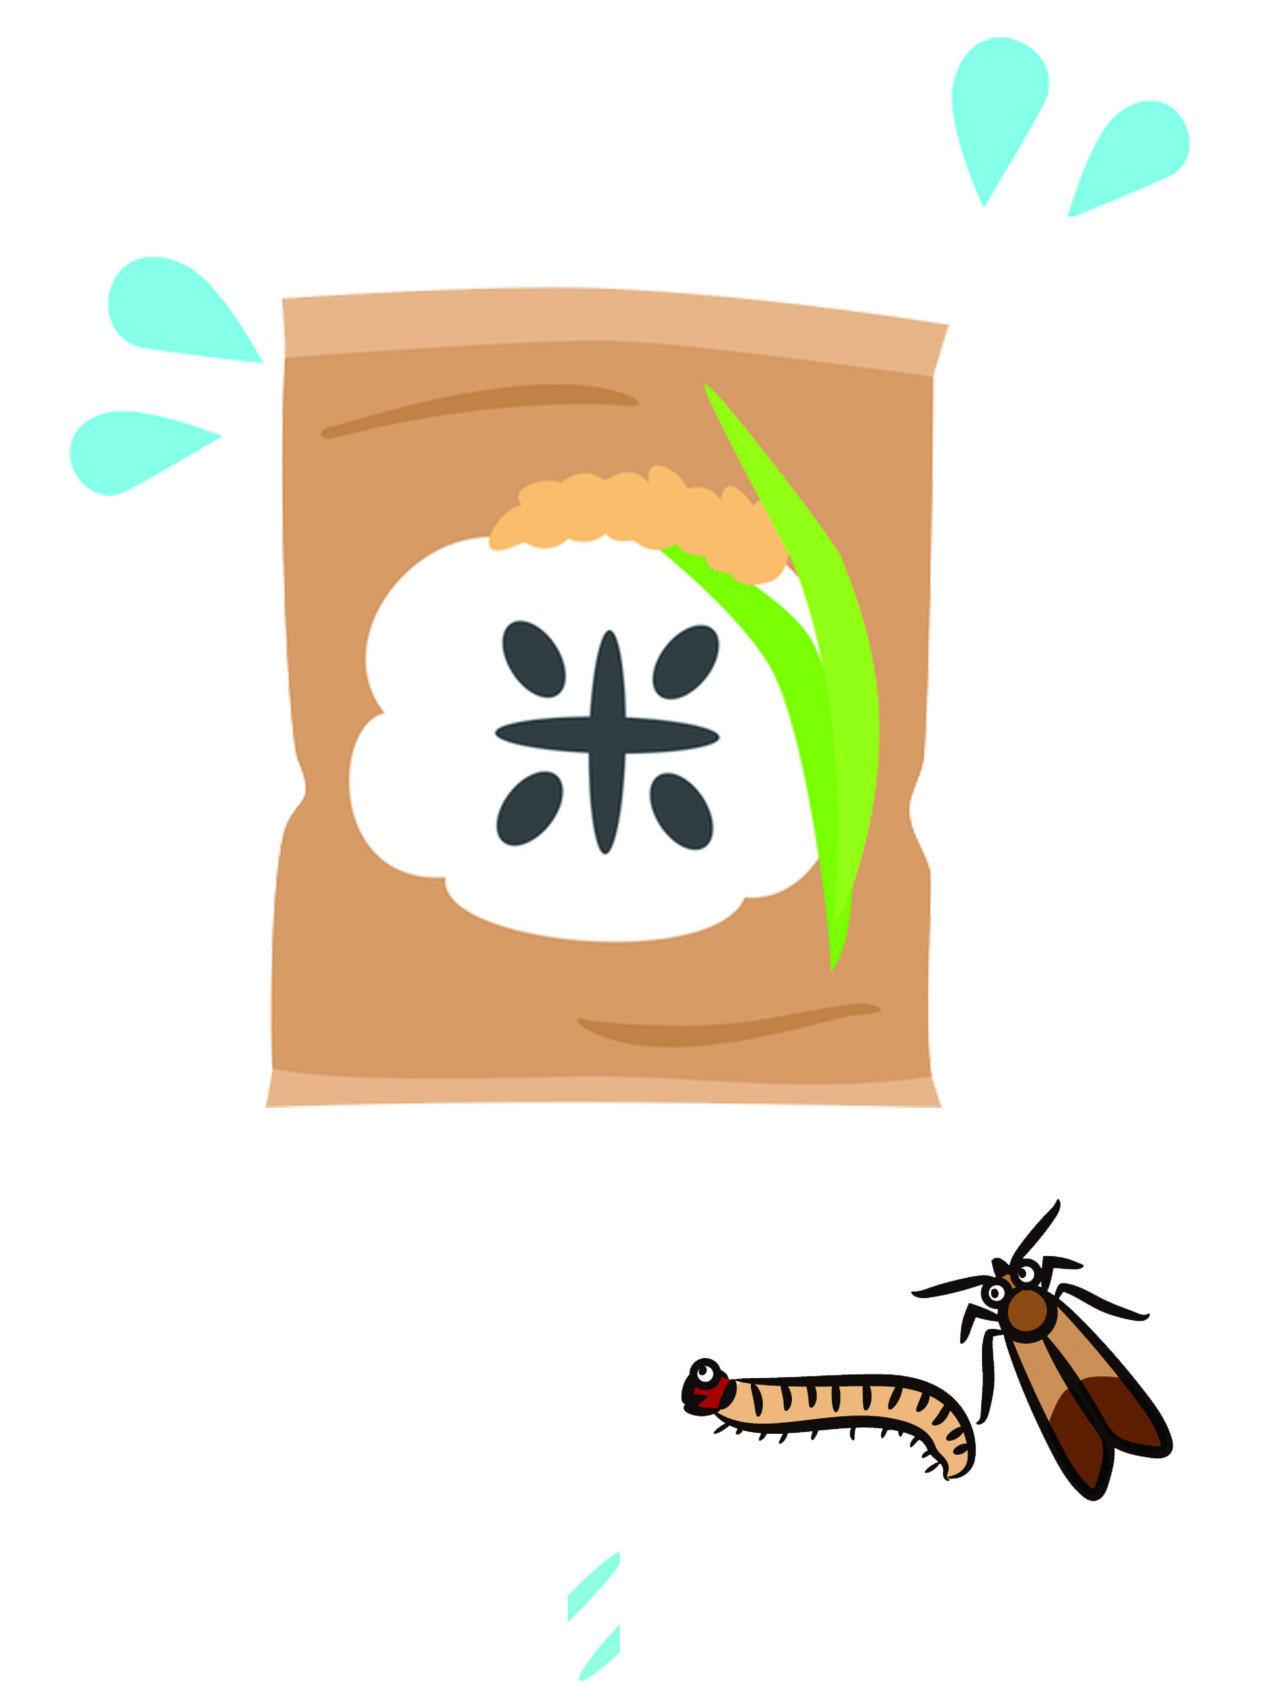 印度穀蛾的卵呈乳白色長橢圓形,一端呈微尖狀,只有約 0.3 mm 大小,表面略帶光澤。卵一旦孵化,幼蟲就會開始取食牠們周圍的食物,受污染的東西通常會留下帶有絲綢般的織帶,是牠們吐絲的痕跡。